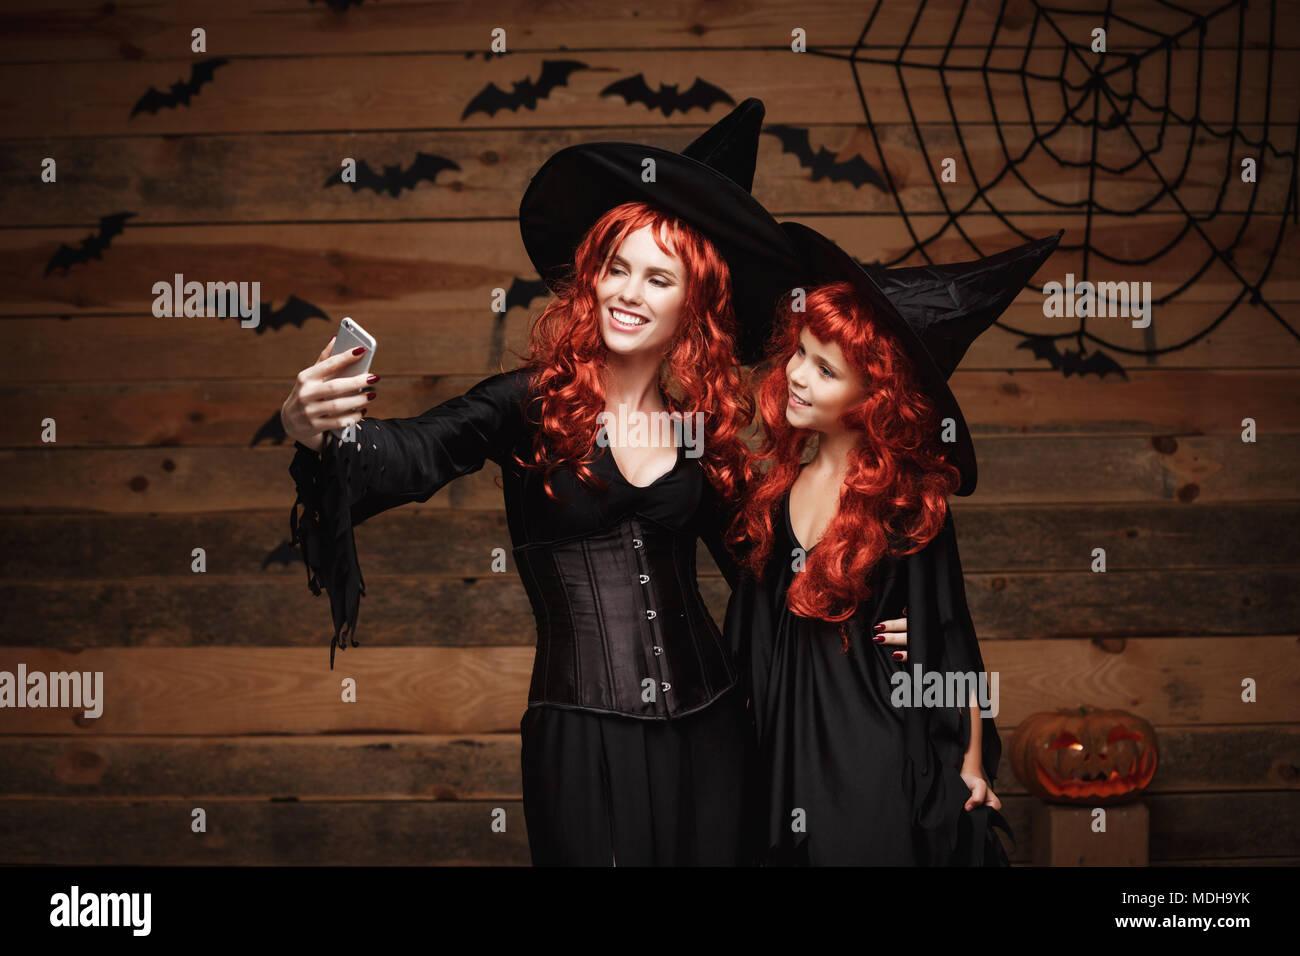 Concetto di Halloween - bella madre caucasica e sua figlia con lunghi capelli rossi in costumi strega prendendo un selfie con lo smartphone pronto per celebrare Halloween. Immagini Stock